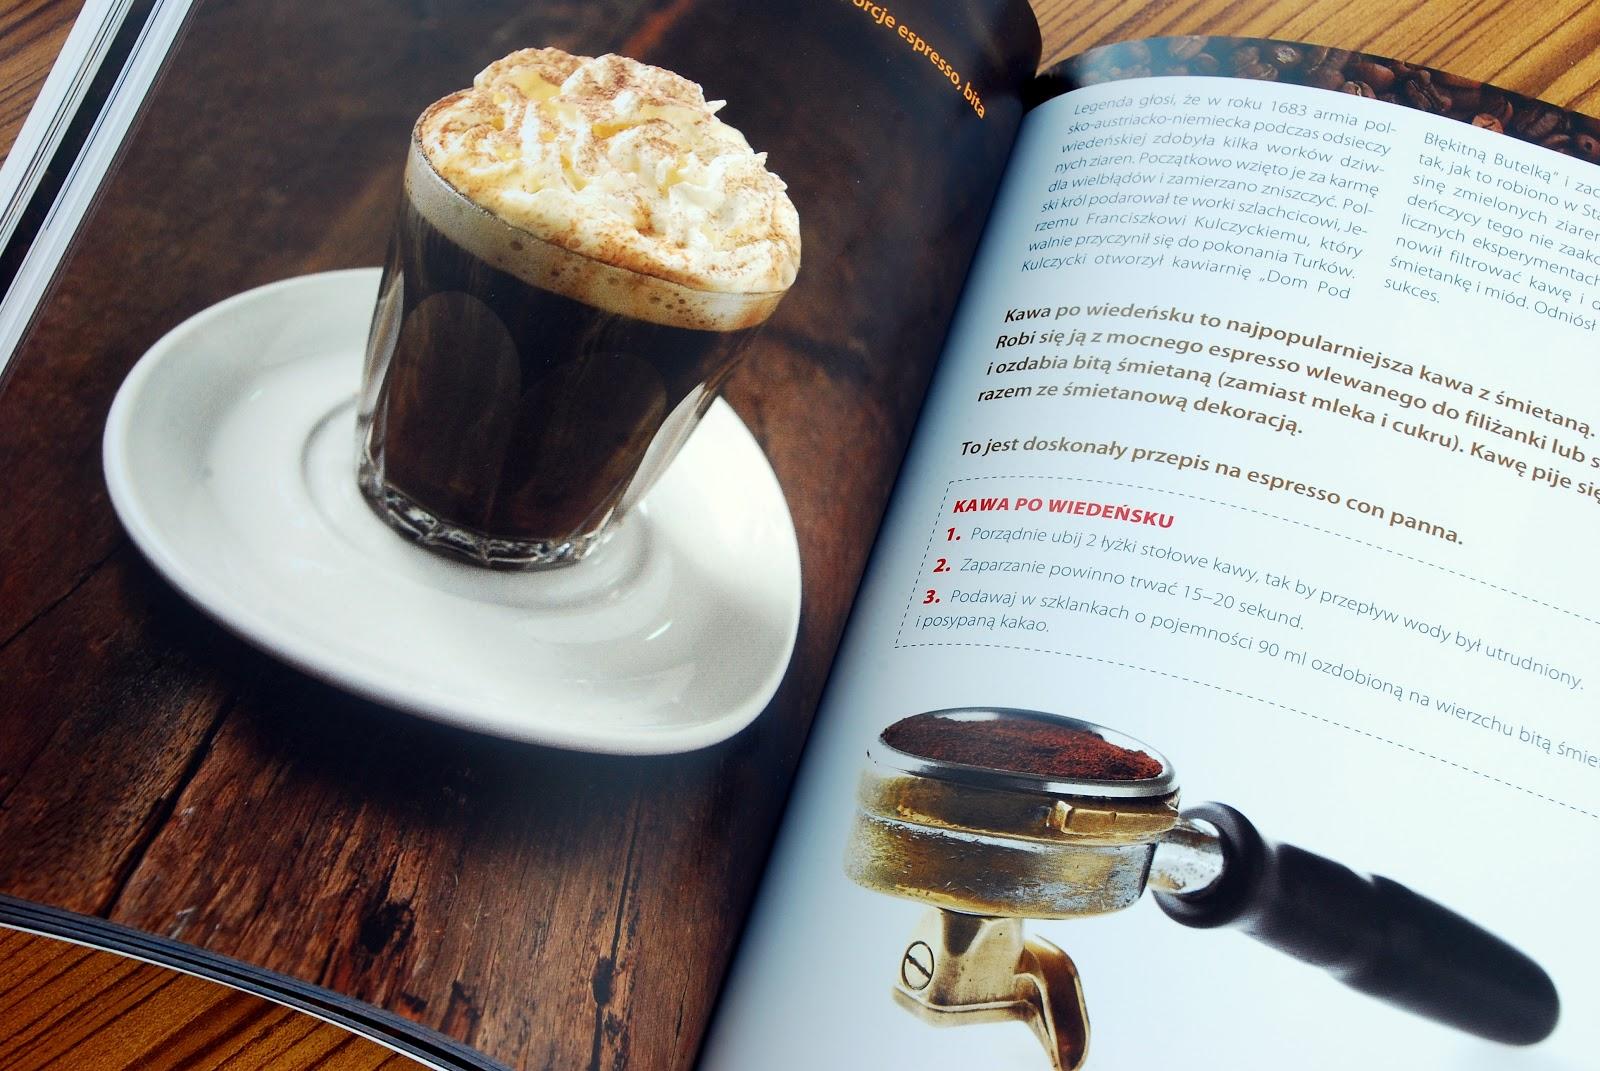 Wnętrze książki, sposób przygotowania kawy po wiedeńsku